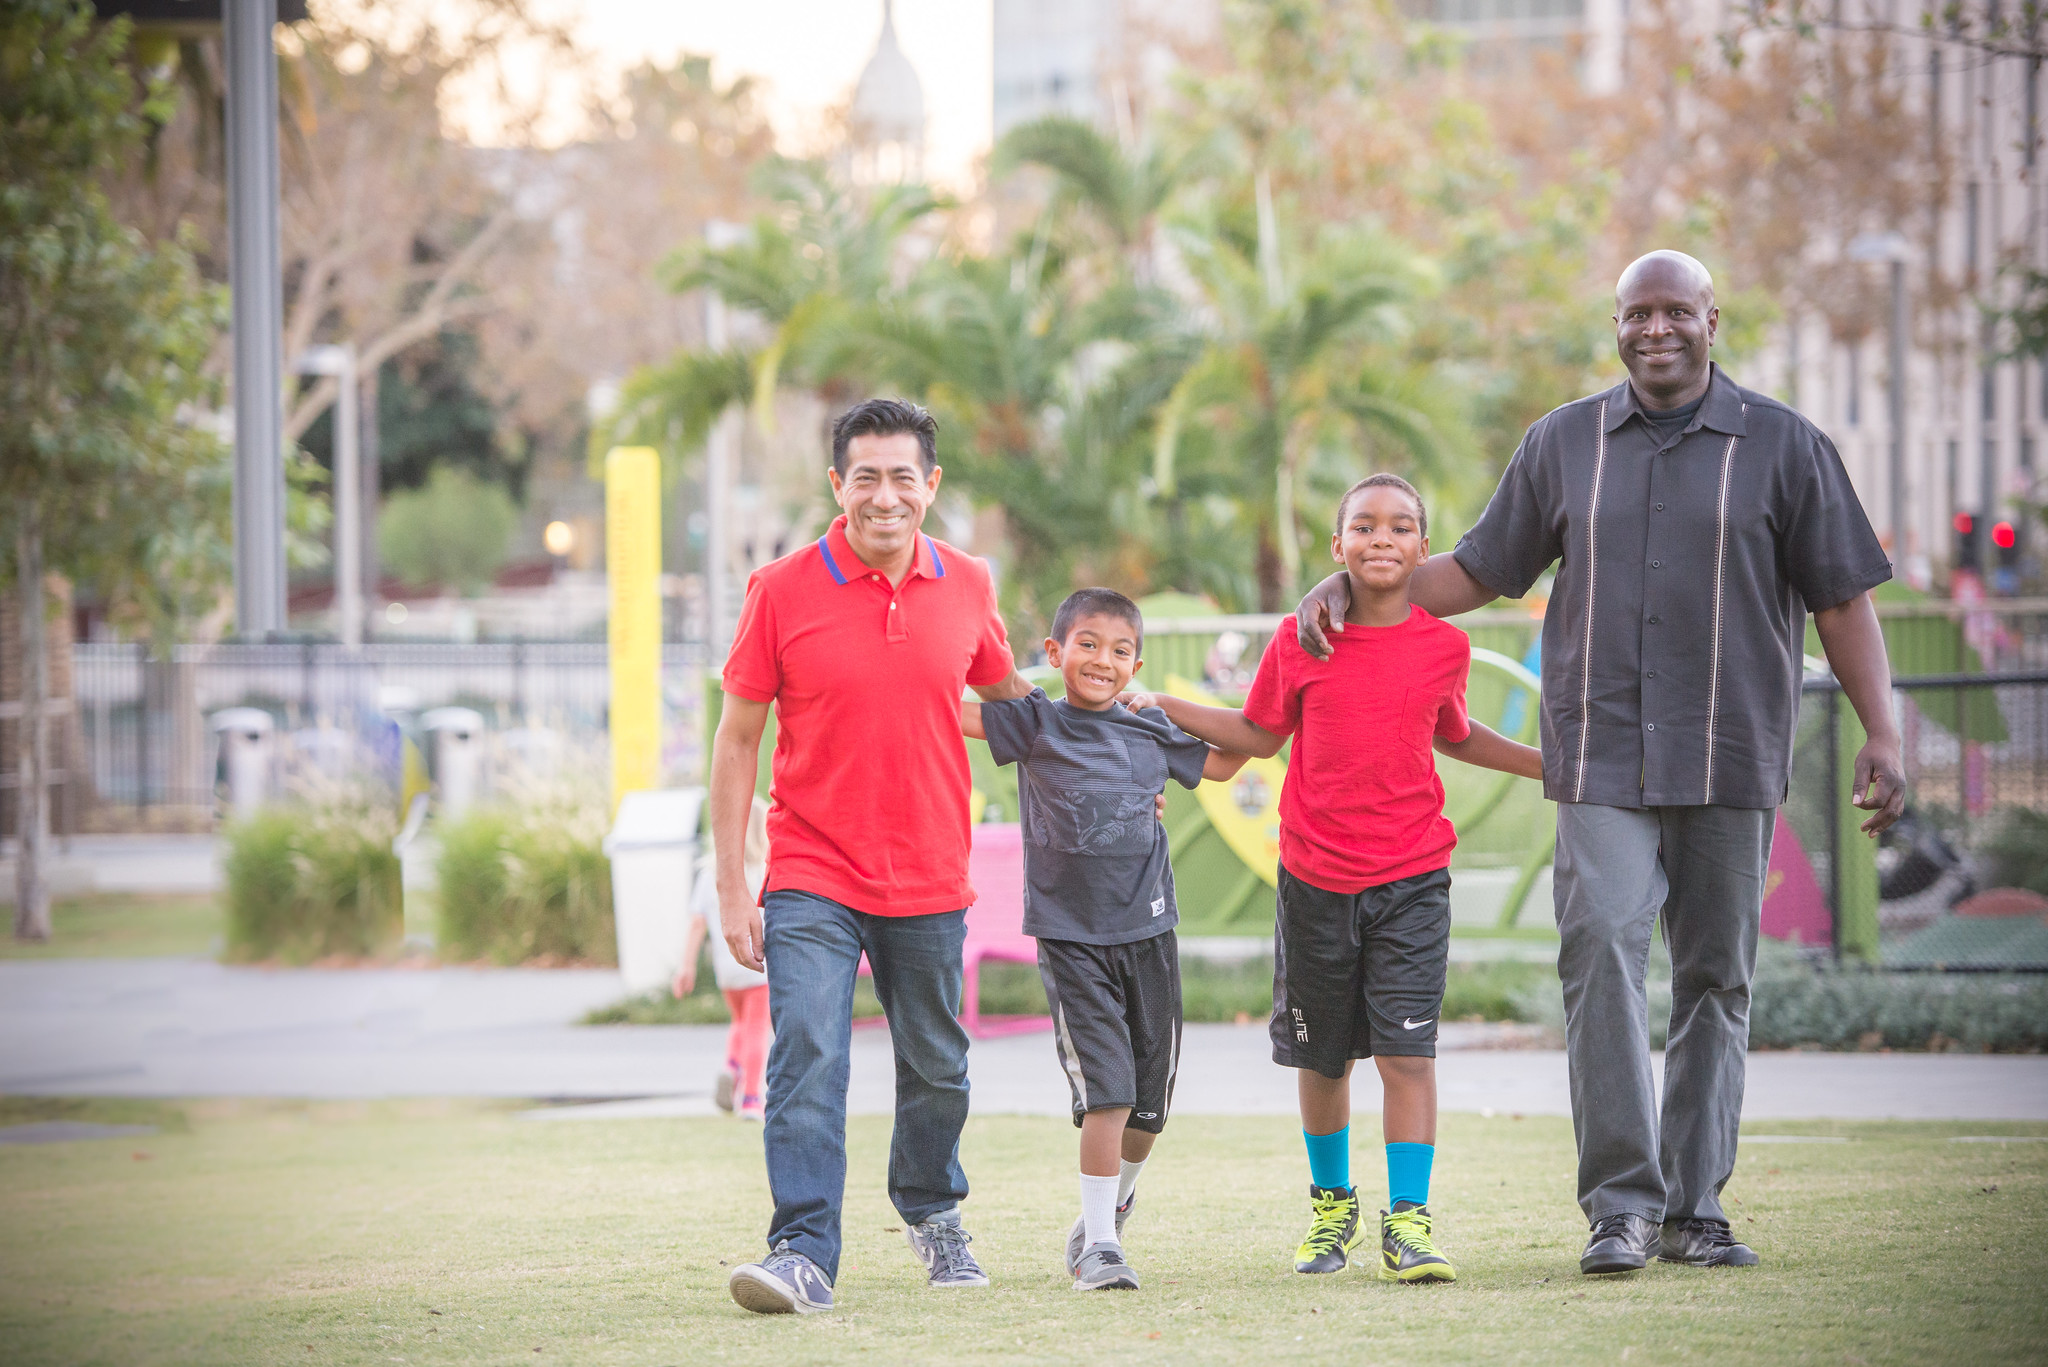 Apoyando a los padres de LBGTQ +: recursos e historias de padres